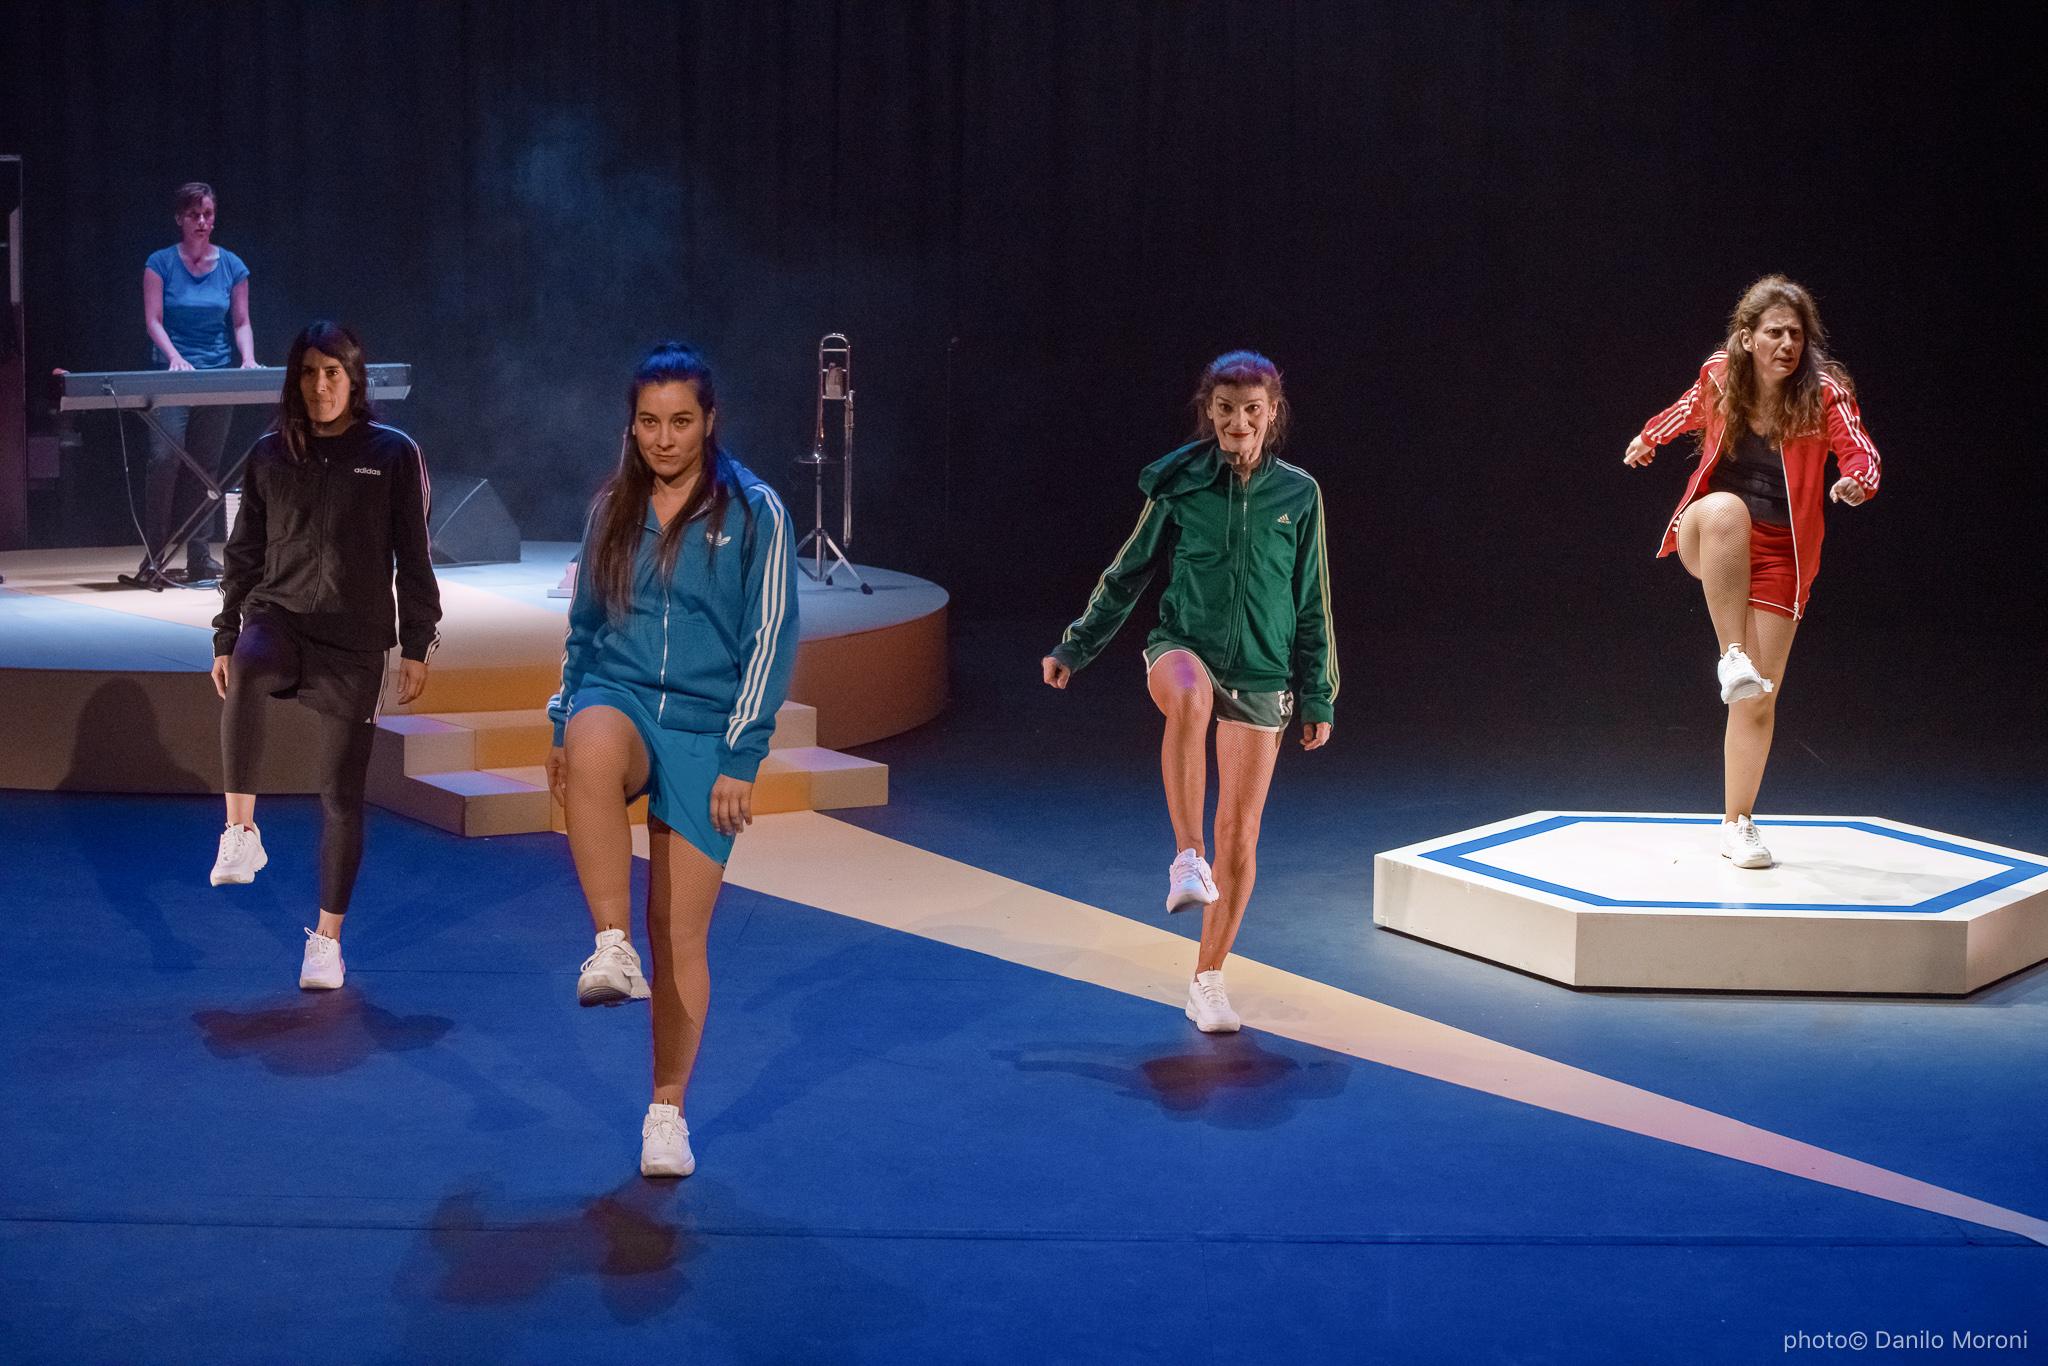 Teatro-en-vilo-Circo-Price-Miss-Mara-photo-Danilo-Moroni-219.jpg